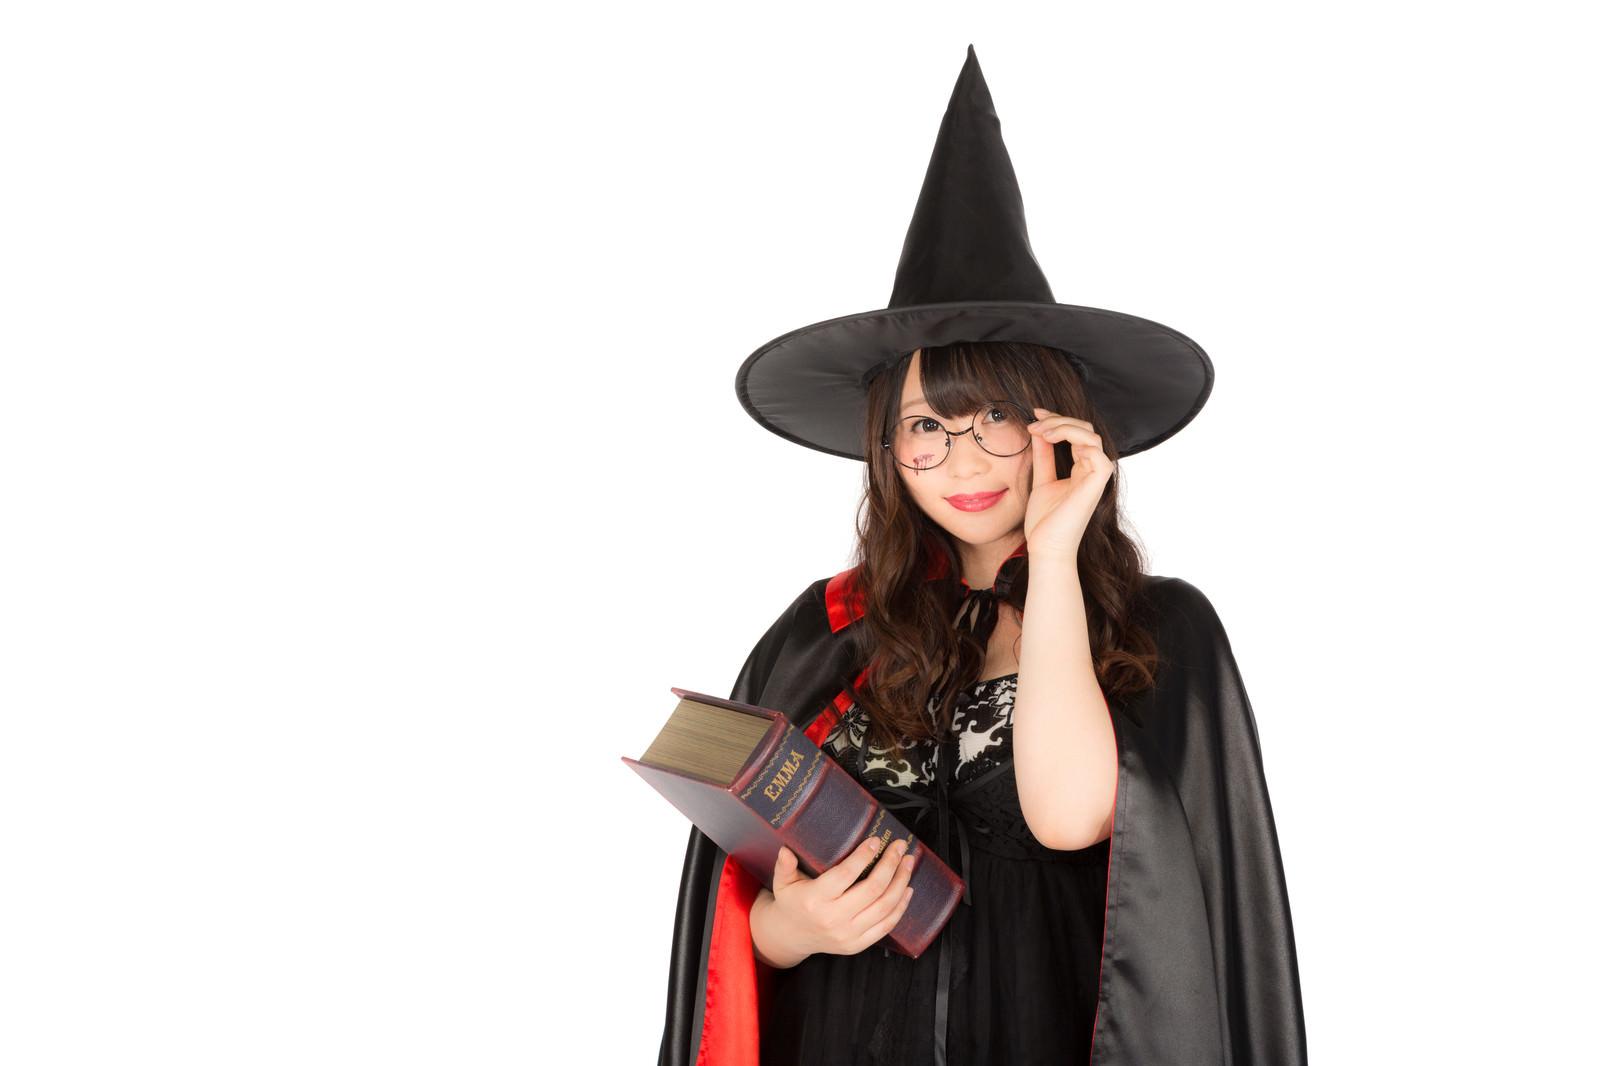 「魔法書を持ったとんがり帽子のメガネ美女魔法書を持ったとんがり帽子のメガネ美女」[モデル:茜さや]のフリー写真素材